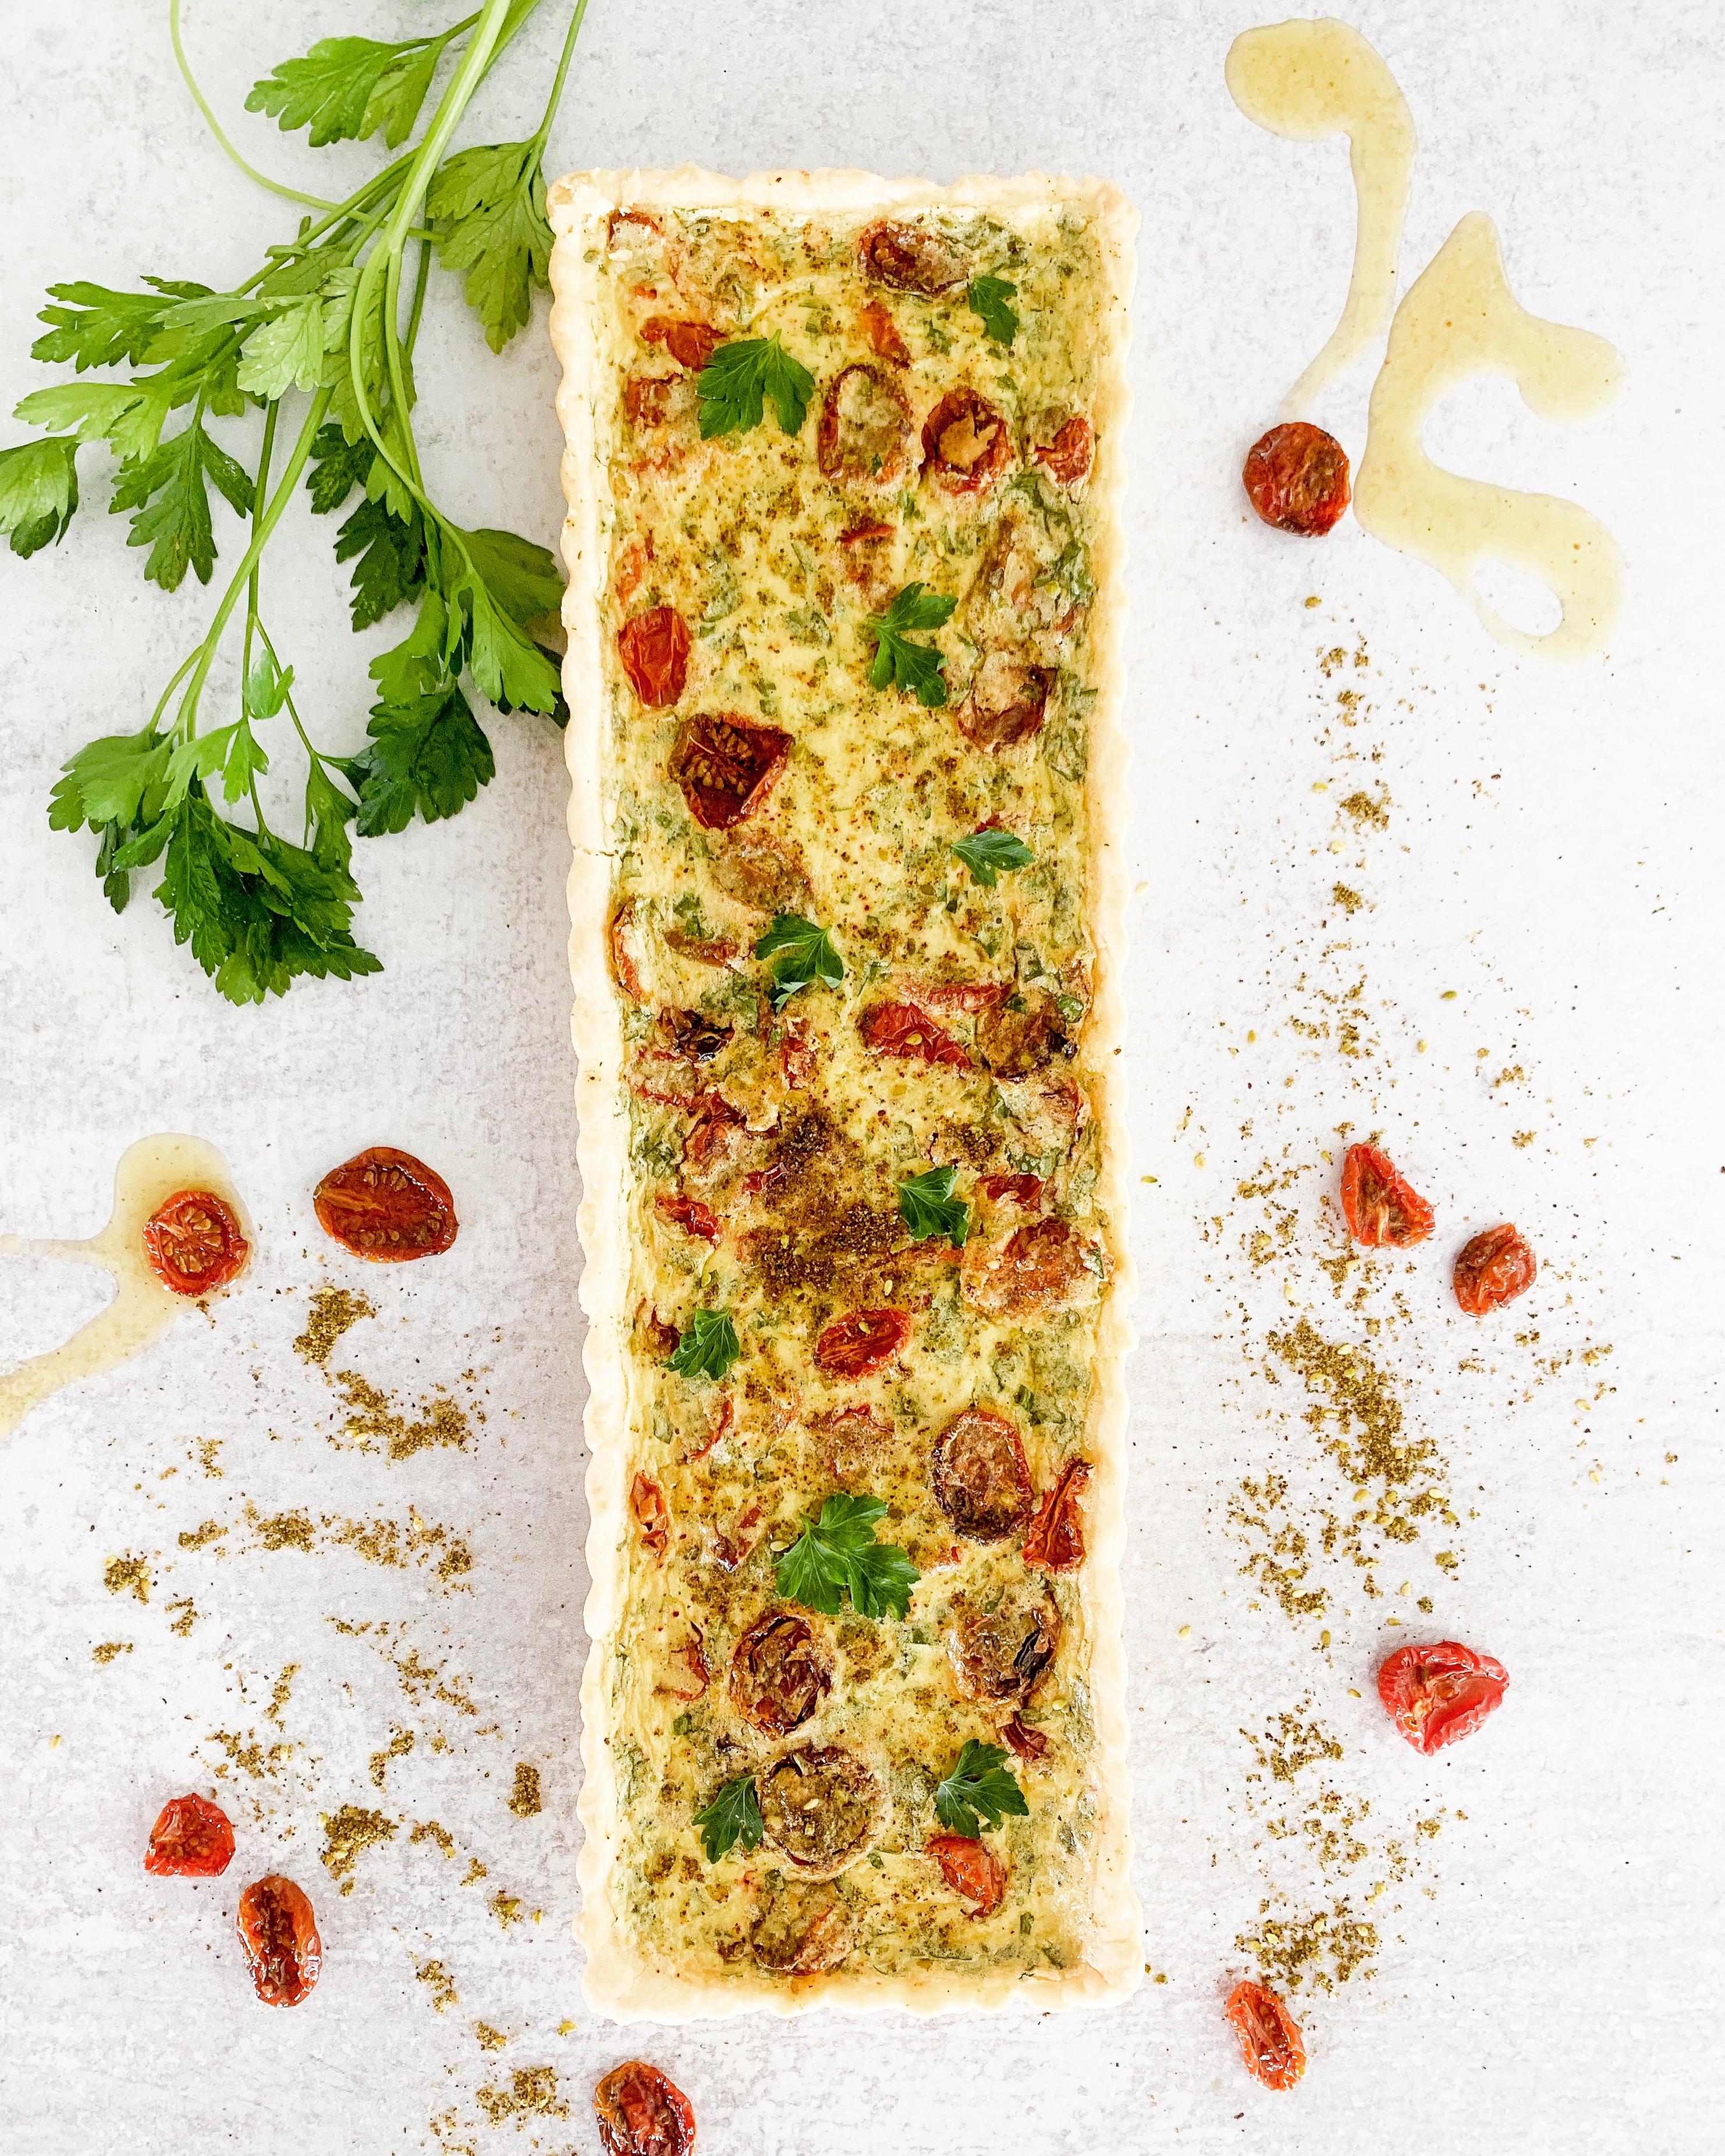 Za'atar and Roasted Tomato Quiche